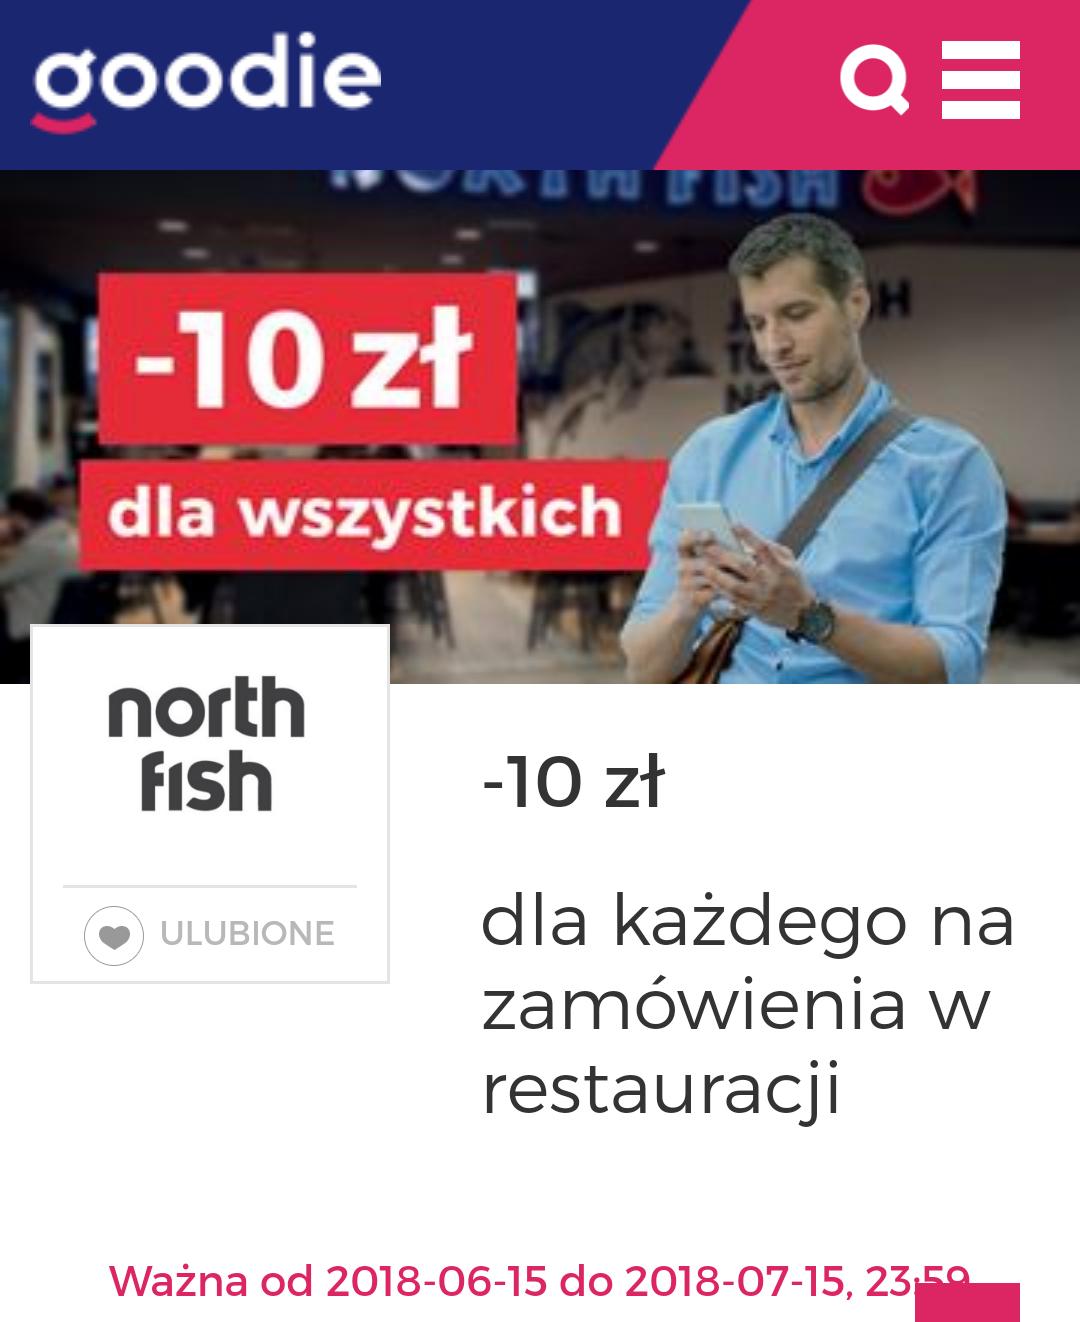 -10 zł dla każdego na zamówienia w restauracji North Fish @Goodie